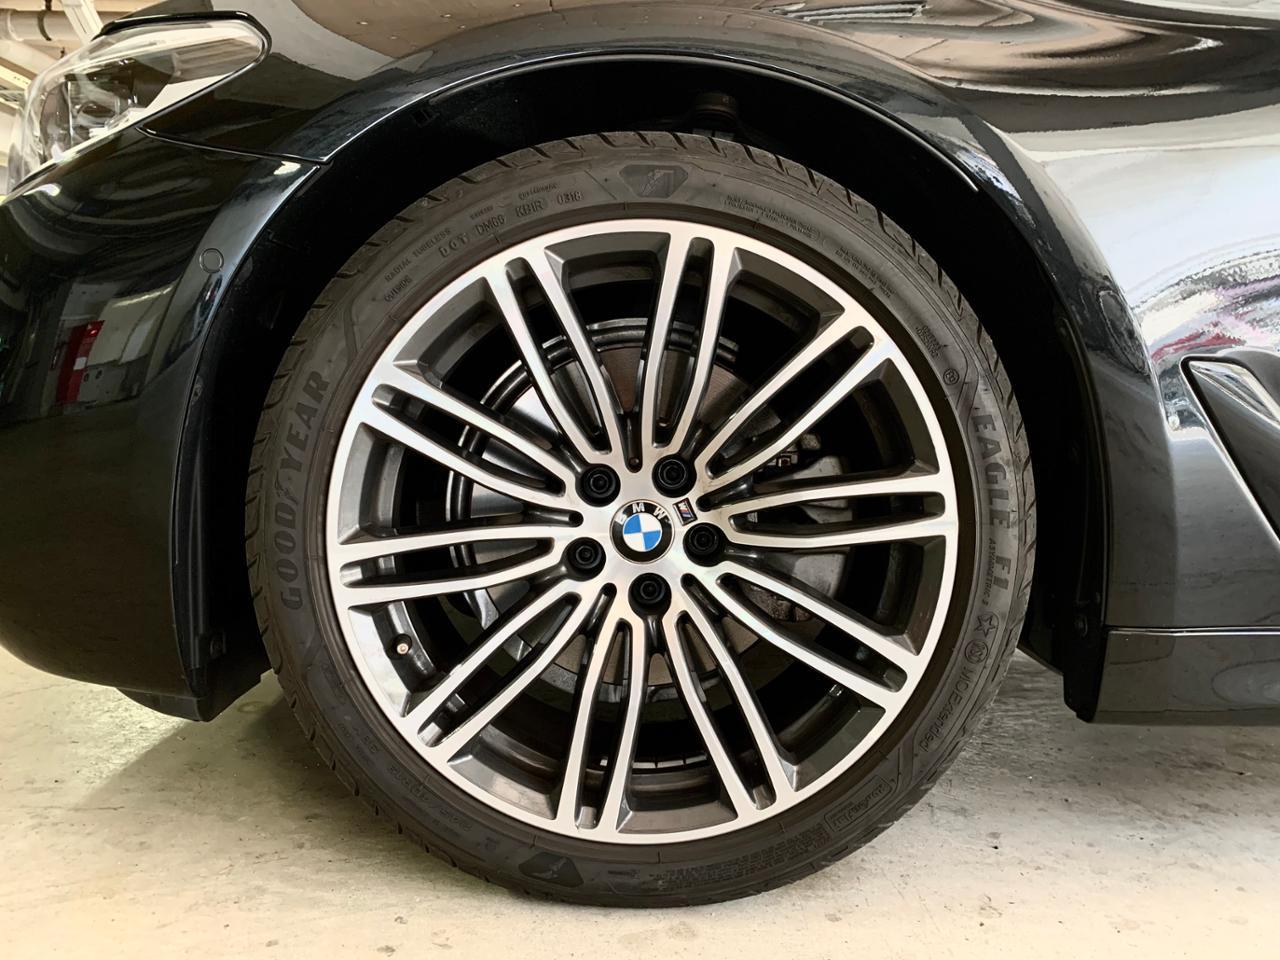 BMW(純正) ダブルスポーク・スタイリング664M